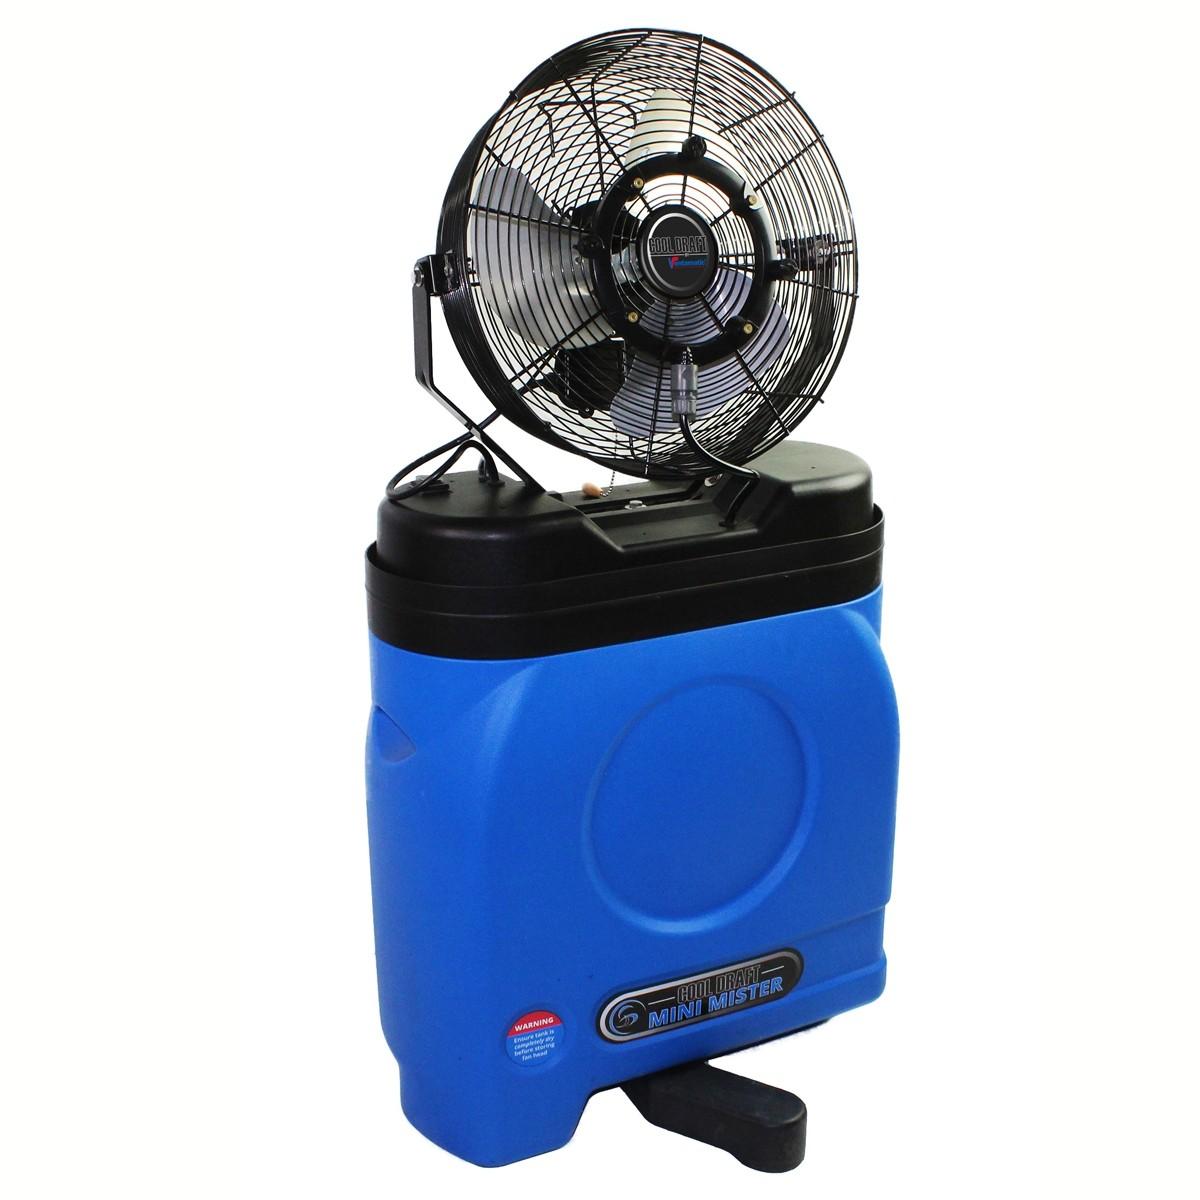 CoolDraft Misting Fan Rental